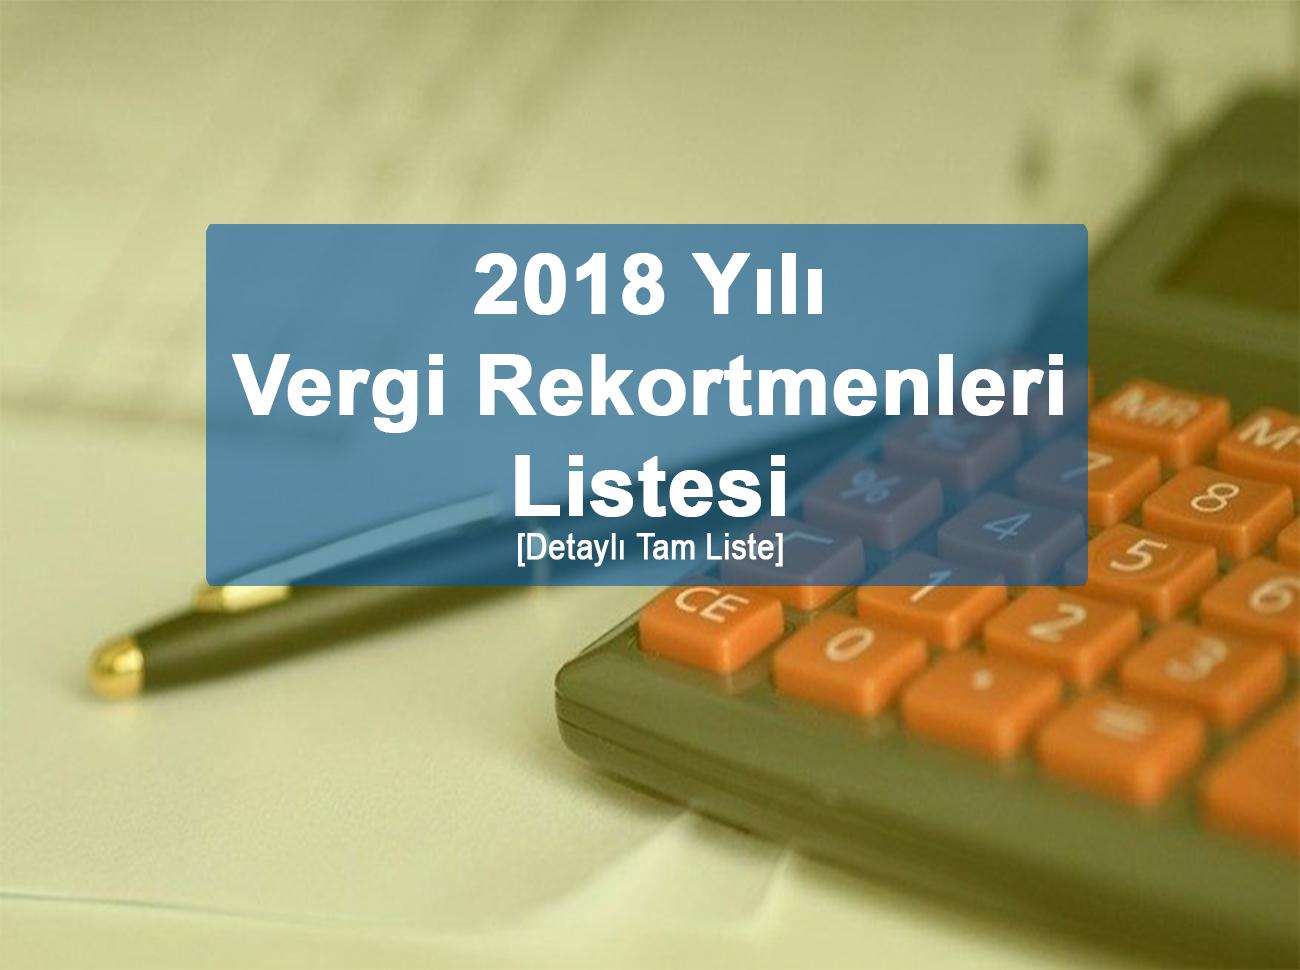 2018 Yılı Vergi Rekortmenleri Listesi